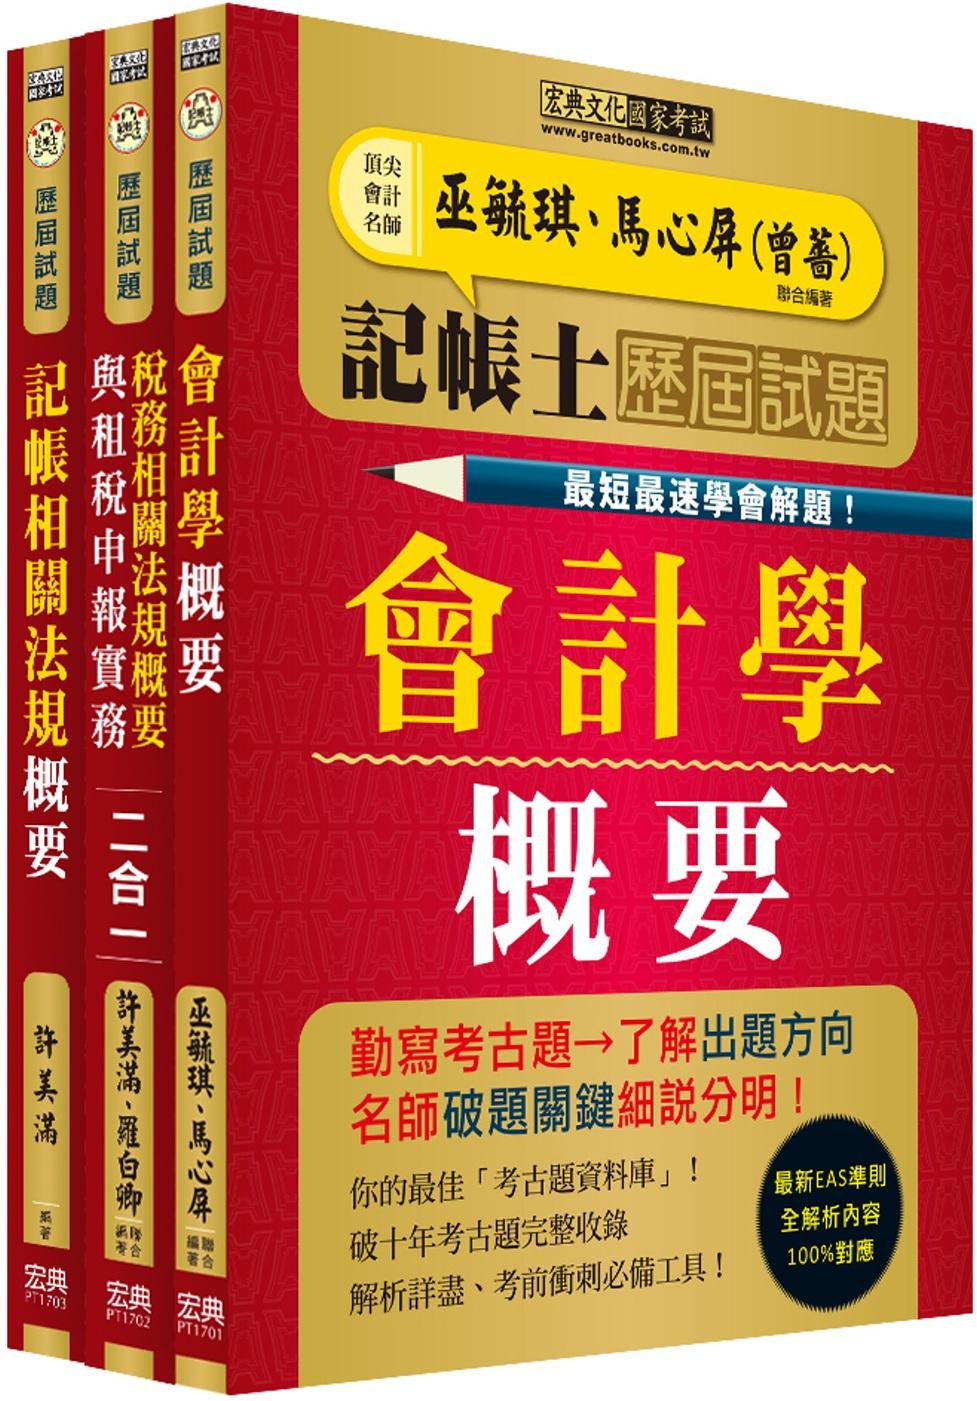 【最快最速學會解題】記帳士專業科目:歷屆題庫全詳解套書(增修訂二版)